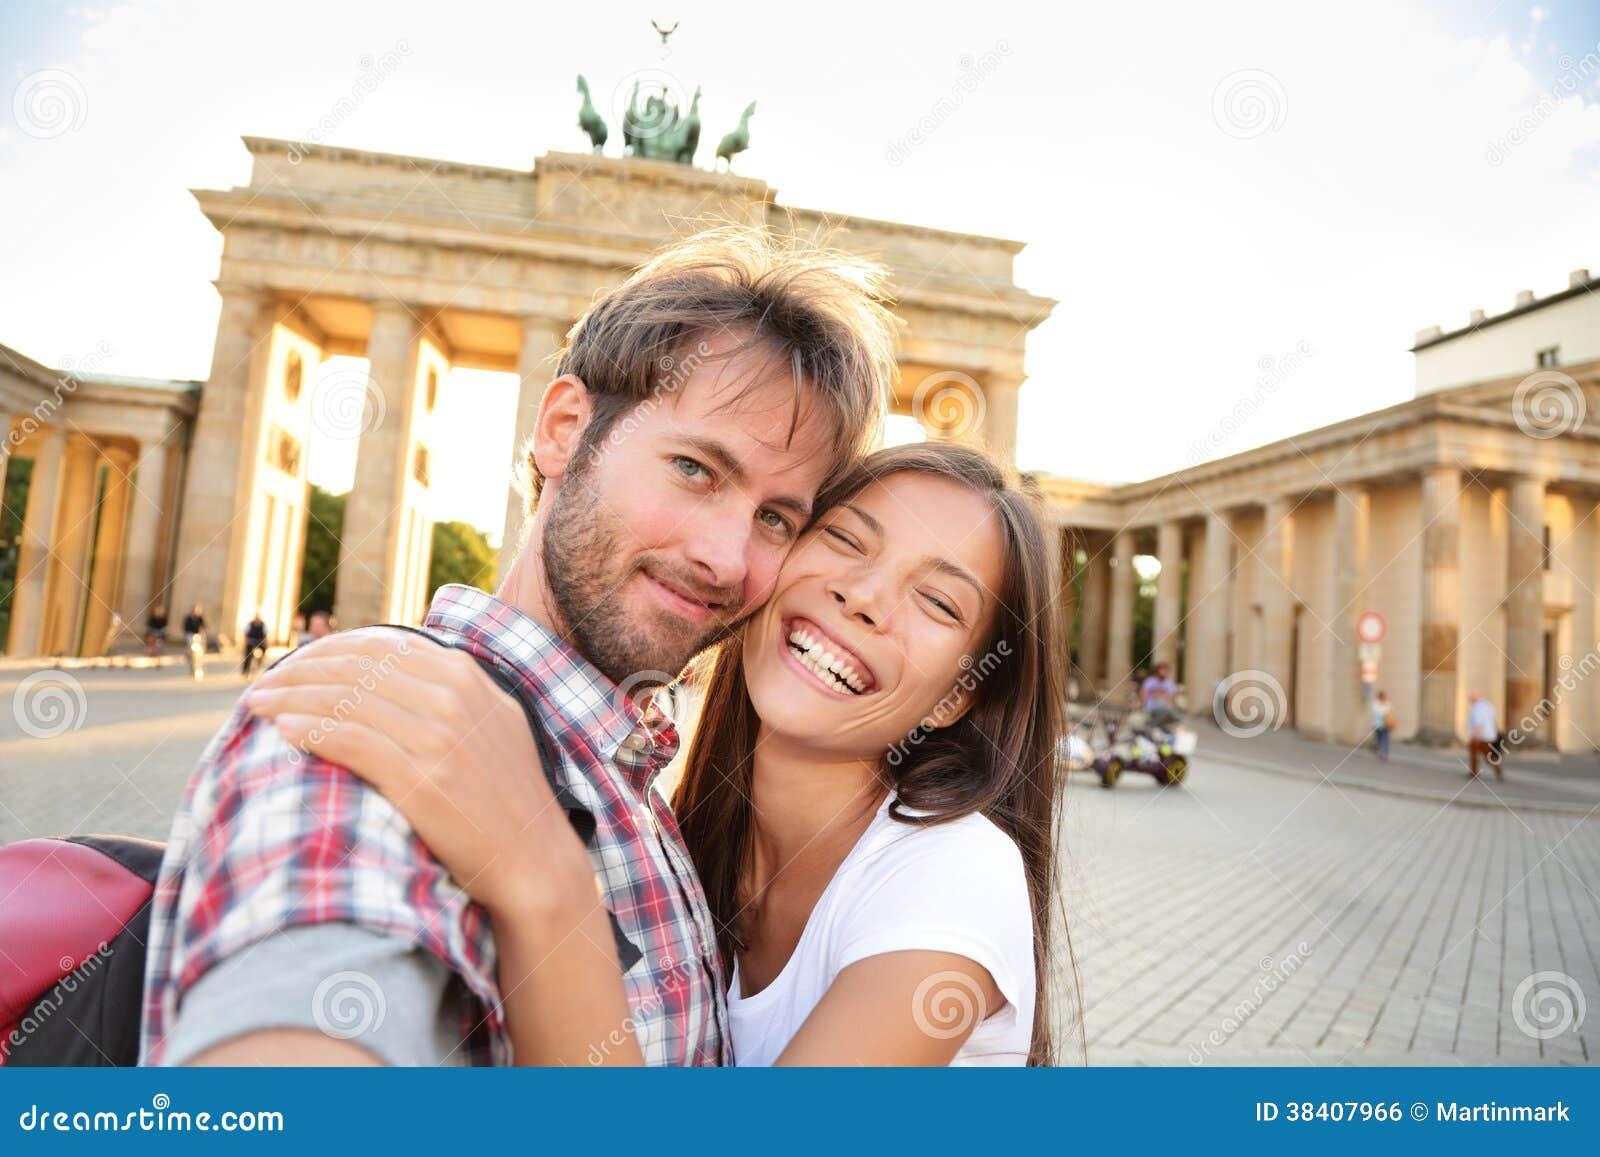 Dating brandenburg Caputh - Speed-Dating mit dem neuen Chef – MAZ - Märkische ...